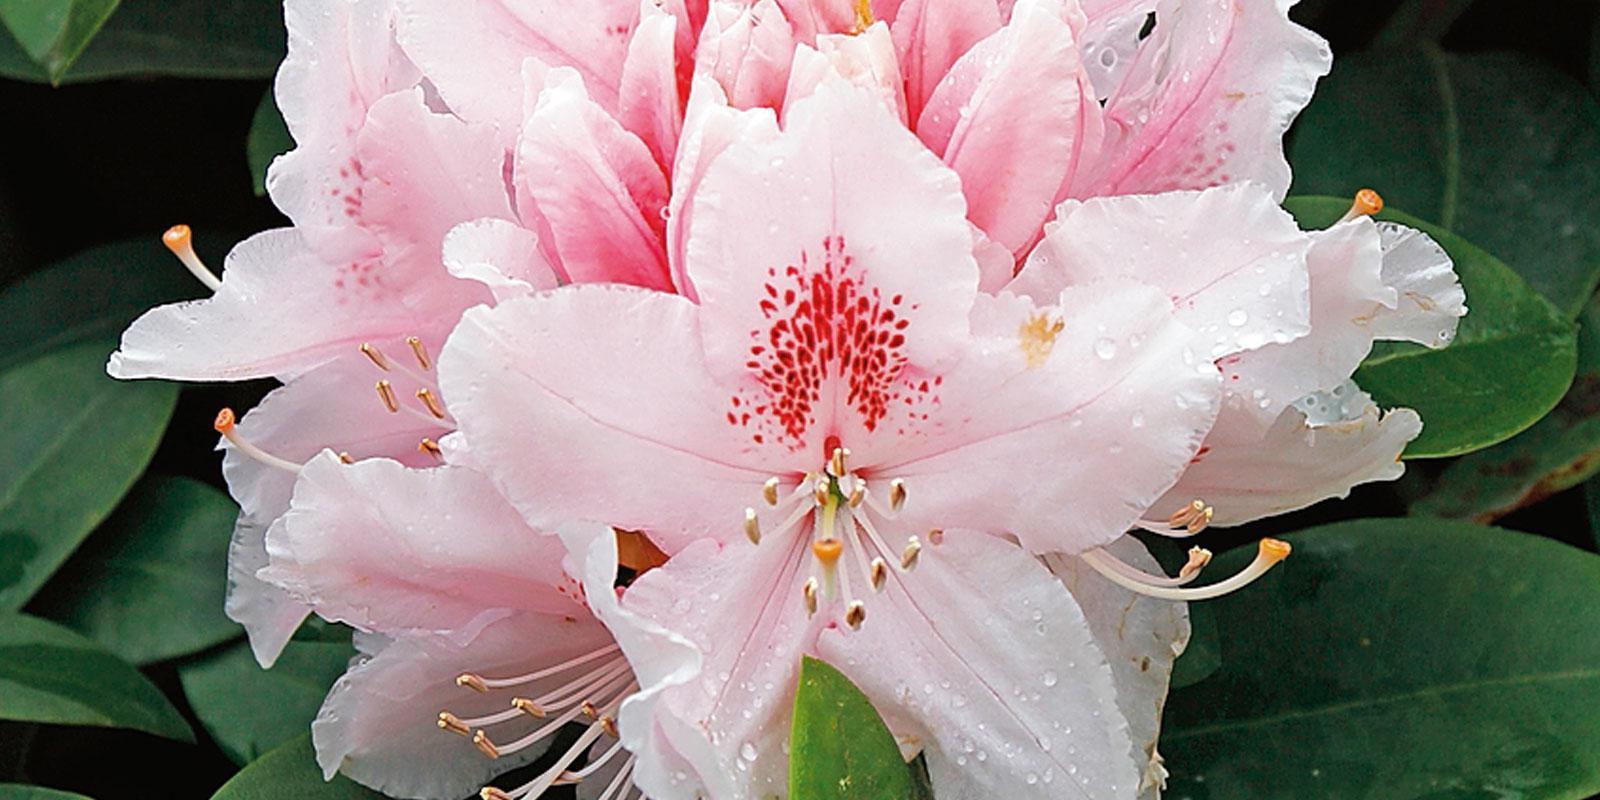 Camerette 50 : Rhododendron 'albert schweitzer rododendro cose di casa